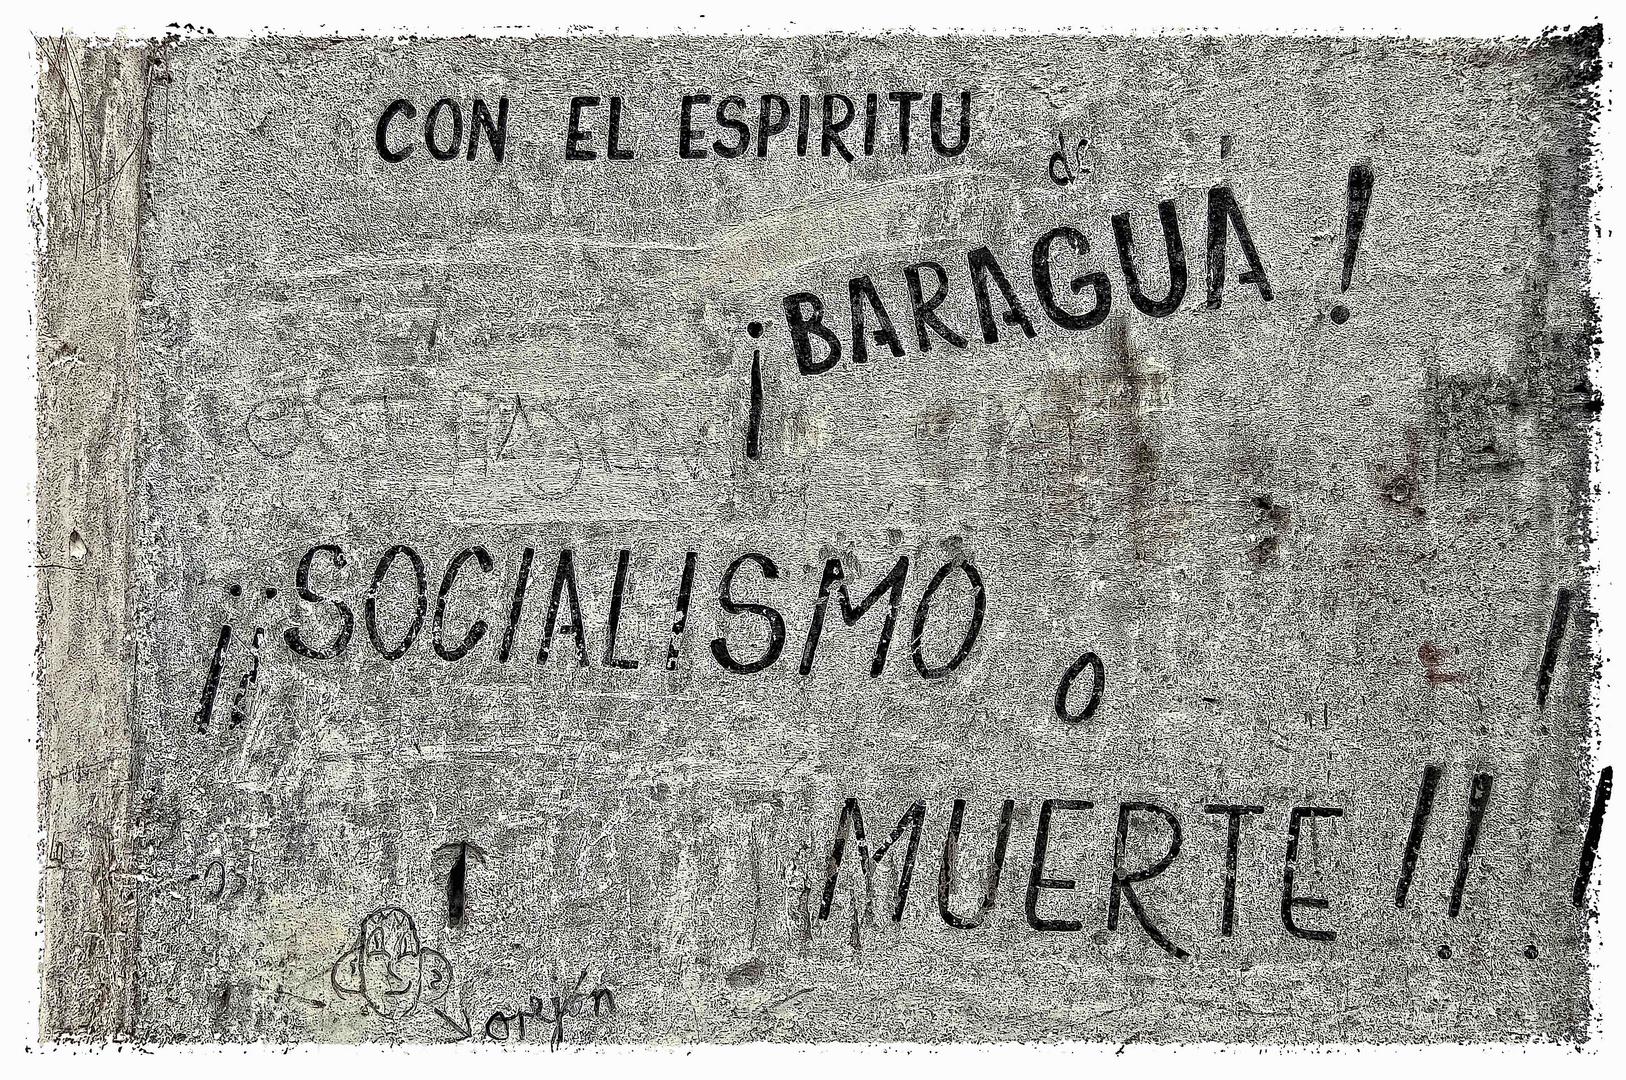 La Habana - 15